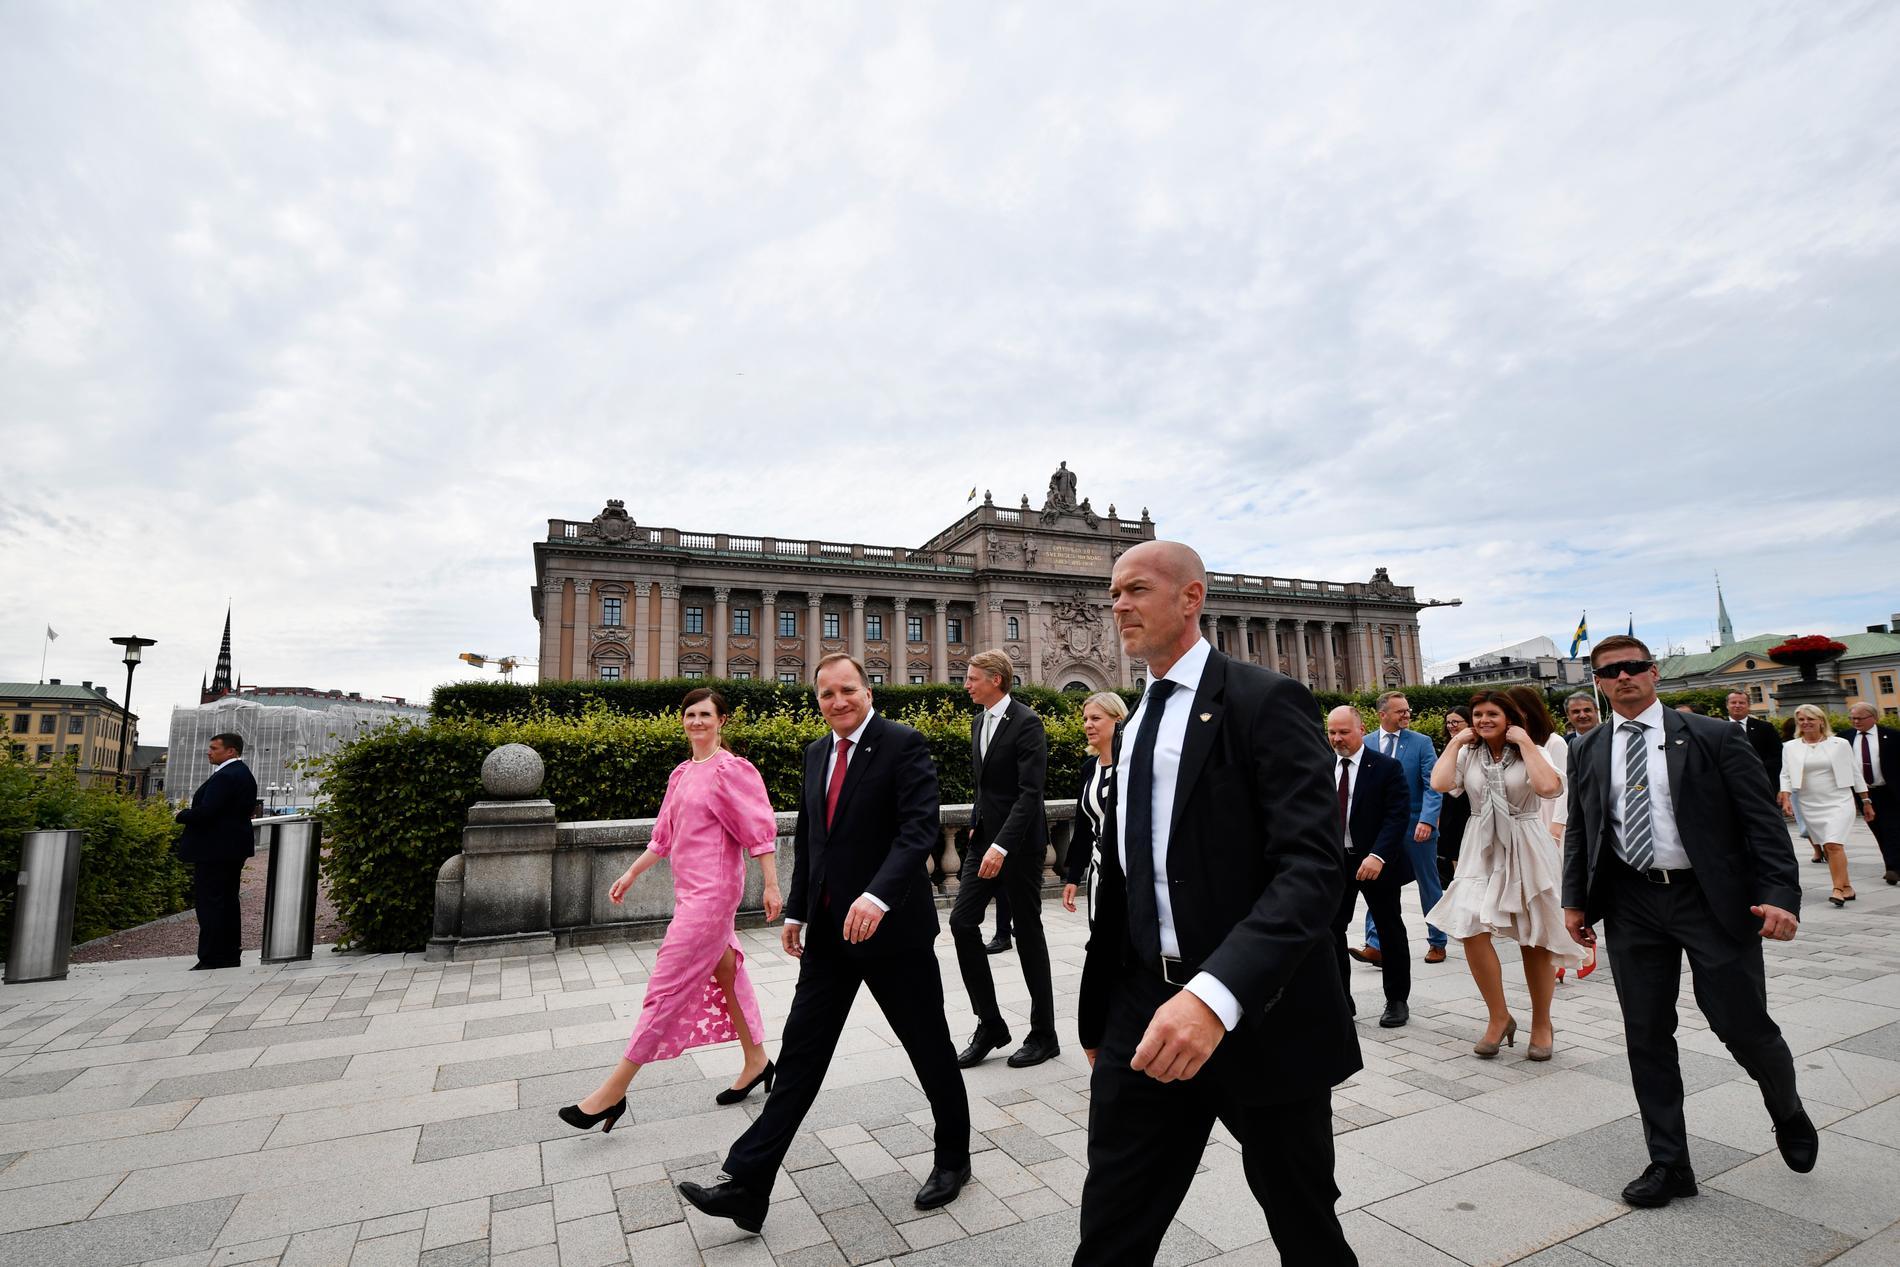 Märta Stenevi, jämställdhets- och bostadsminister (MP), statsminister Stefan Löfven (S) och resten av regeringen på väg till konselj på slottet.